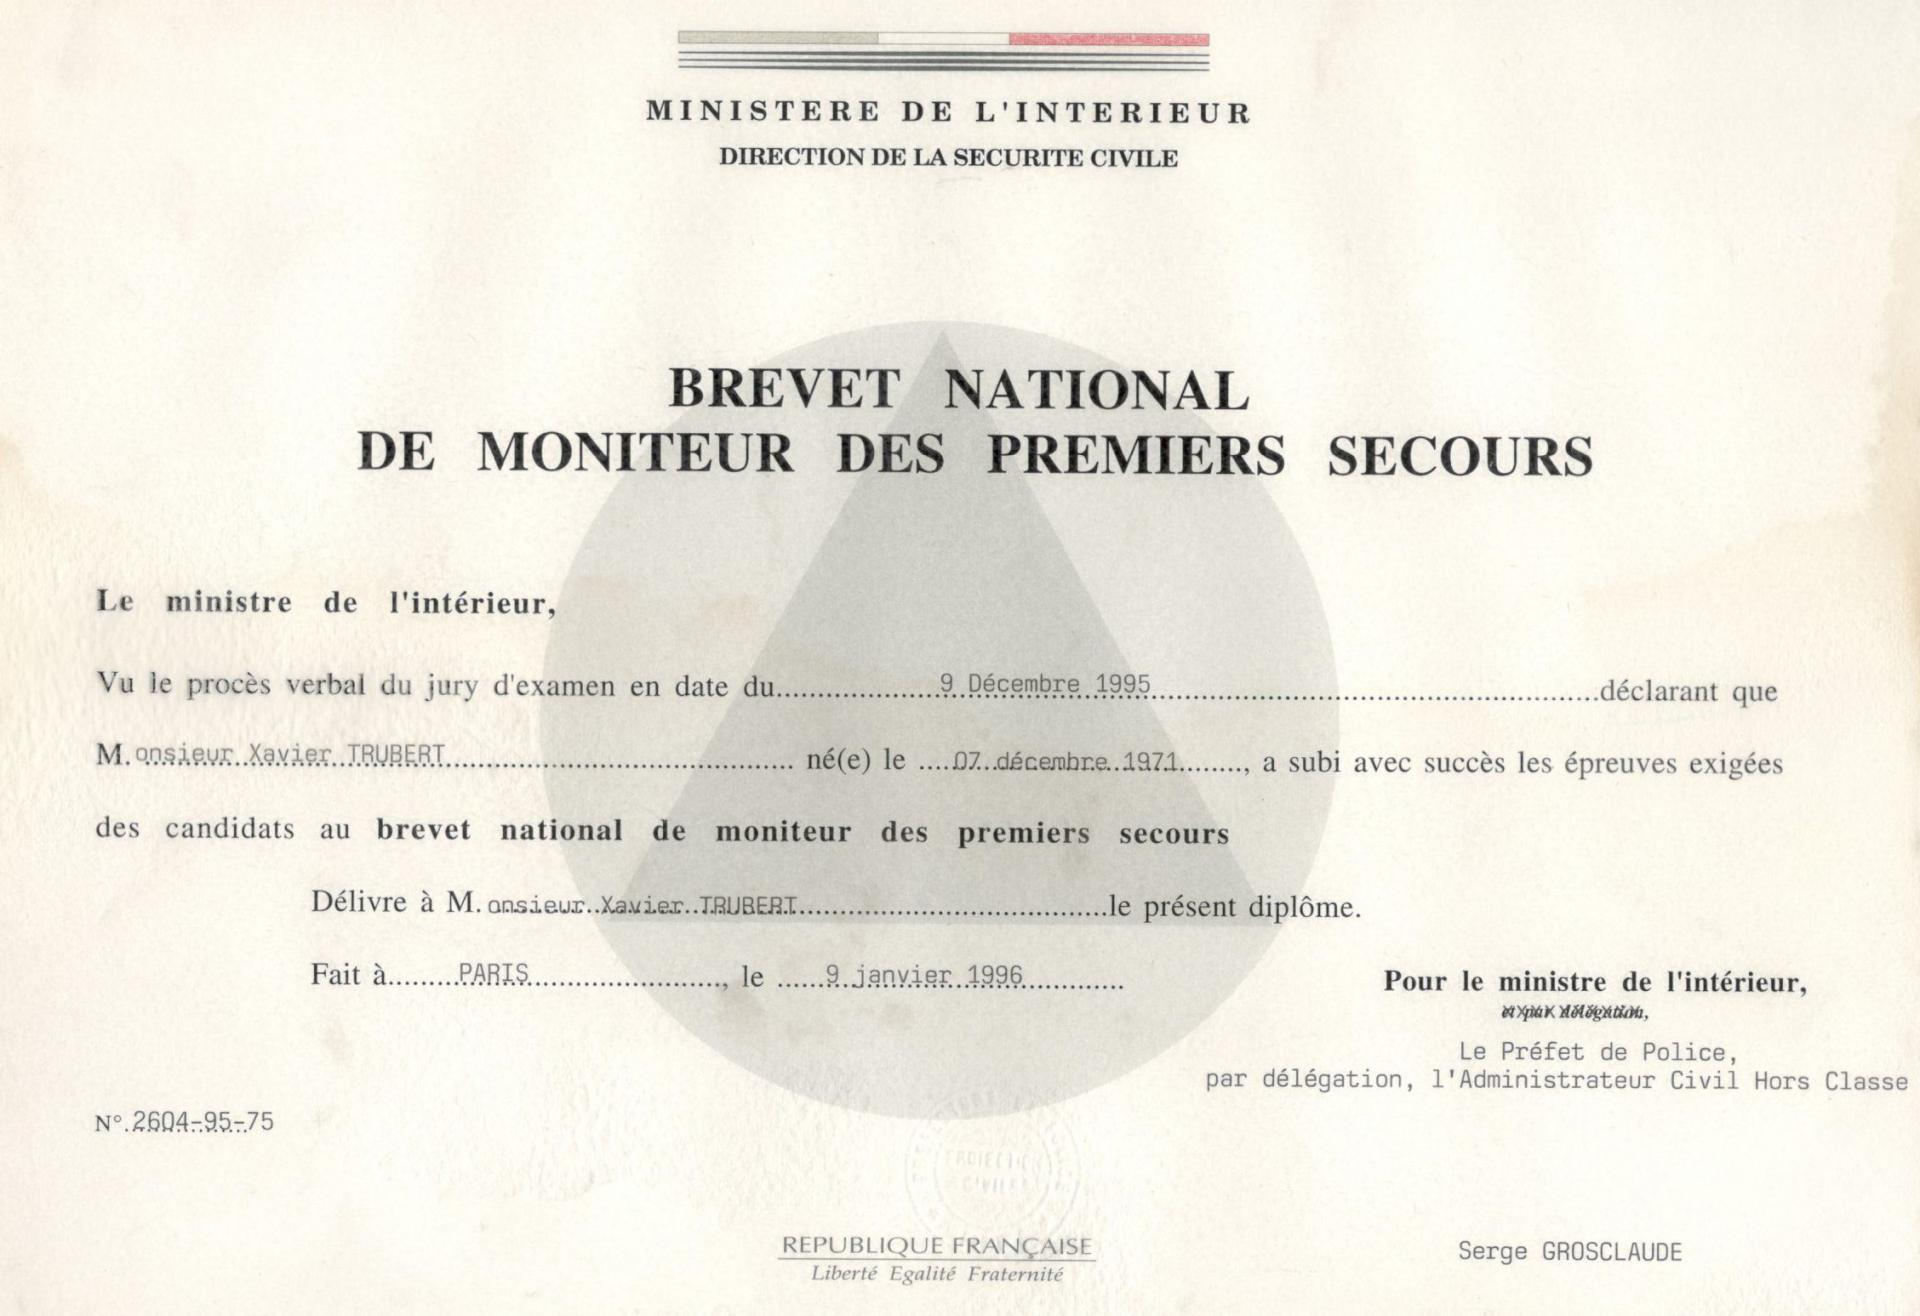 Xavier Trubert moniteur national de 1er secours